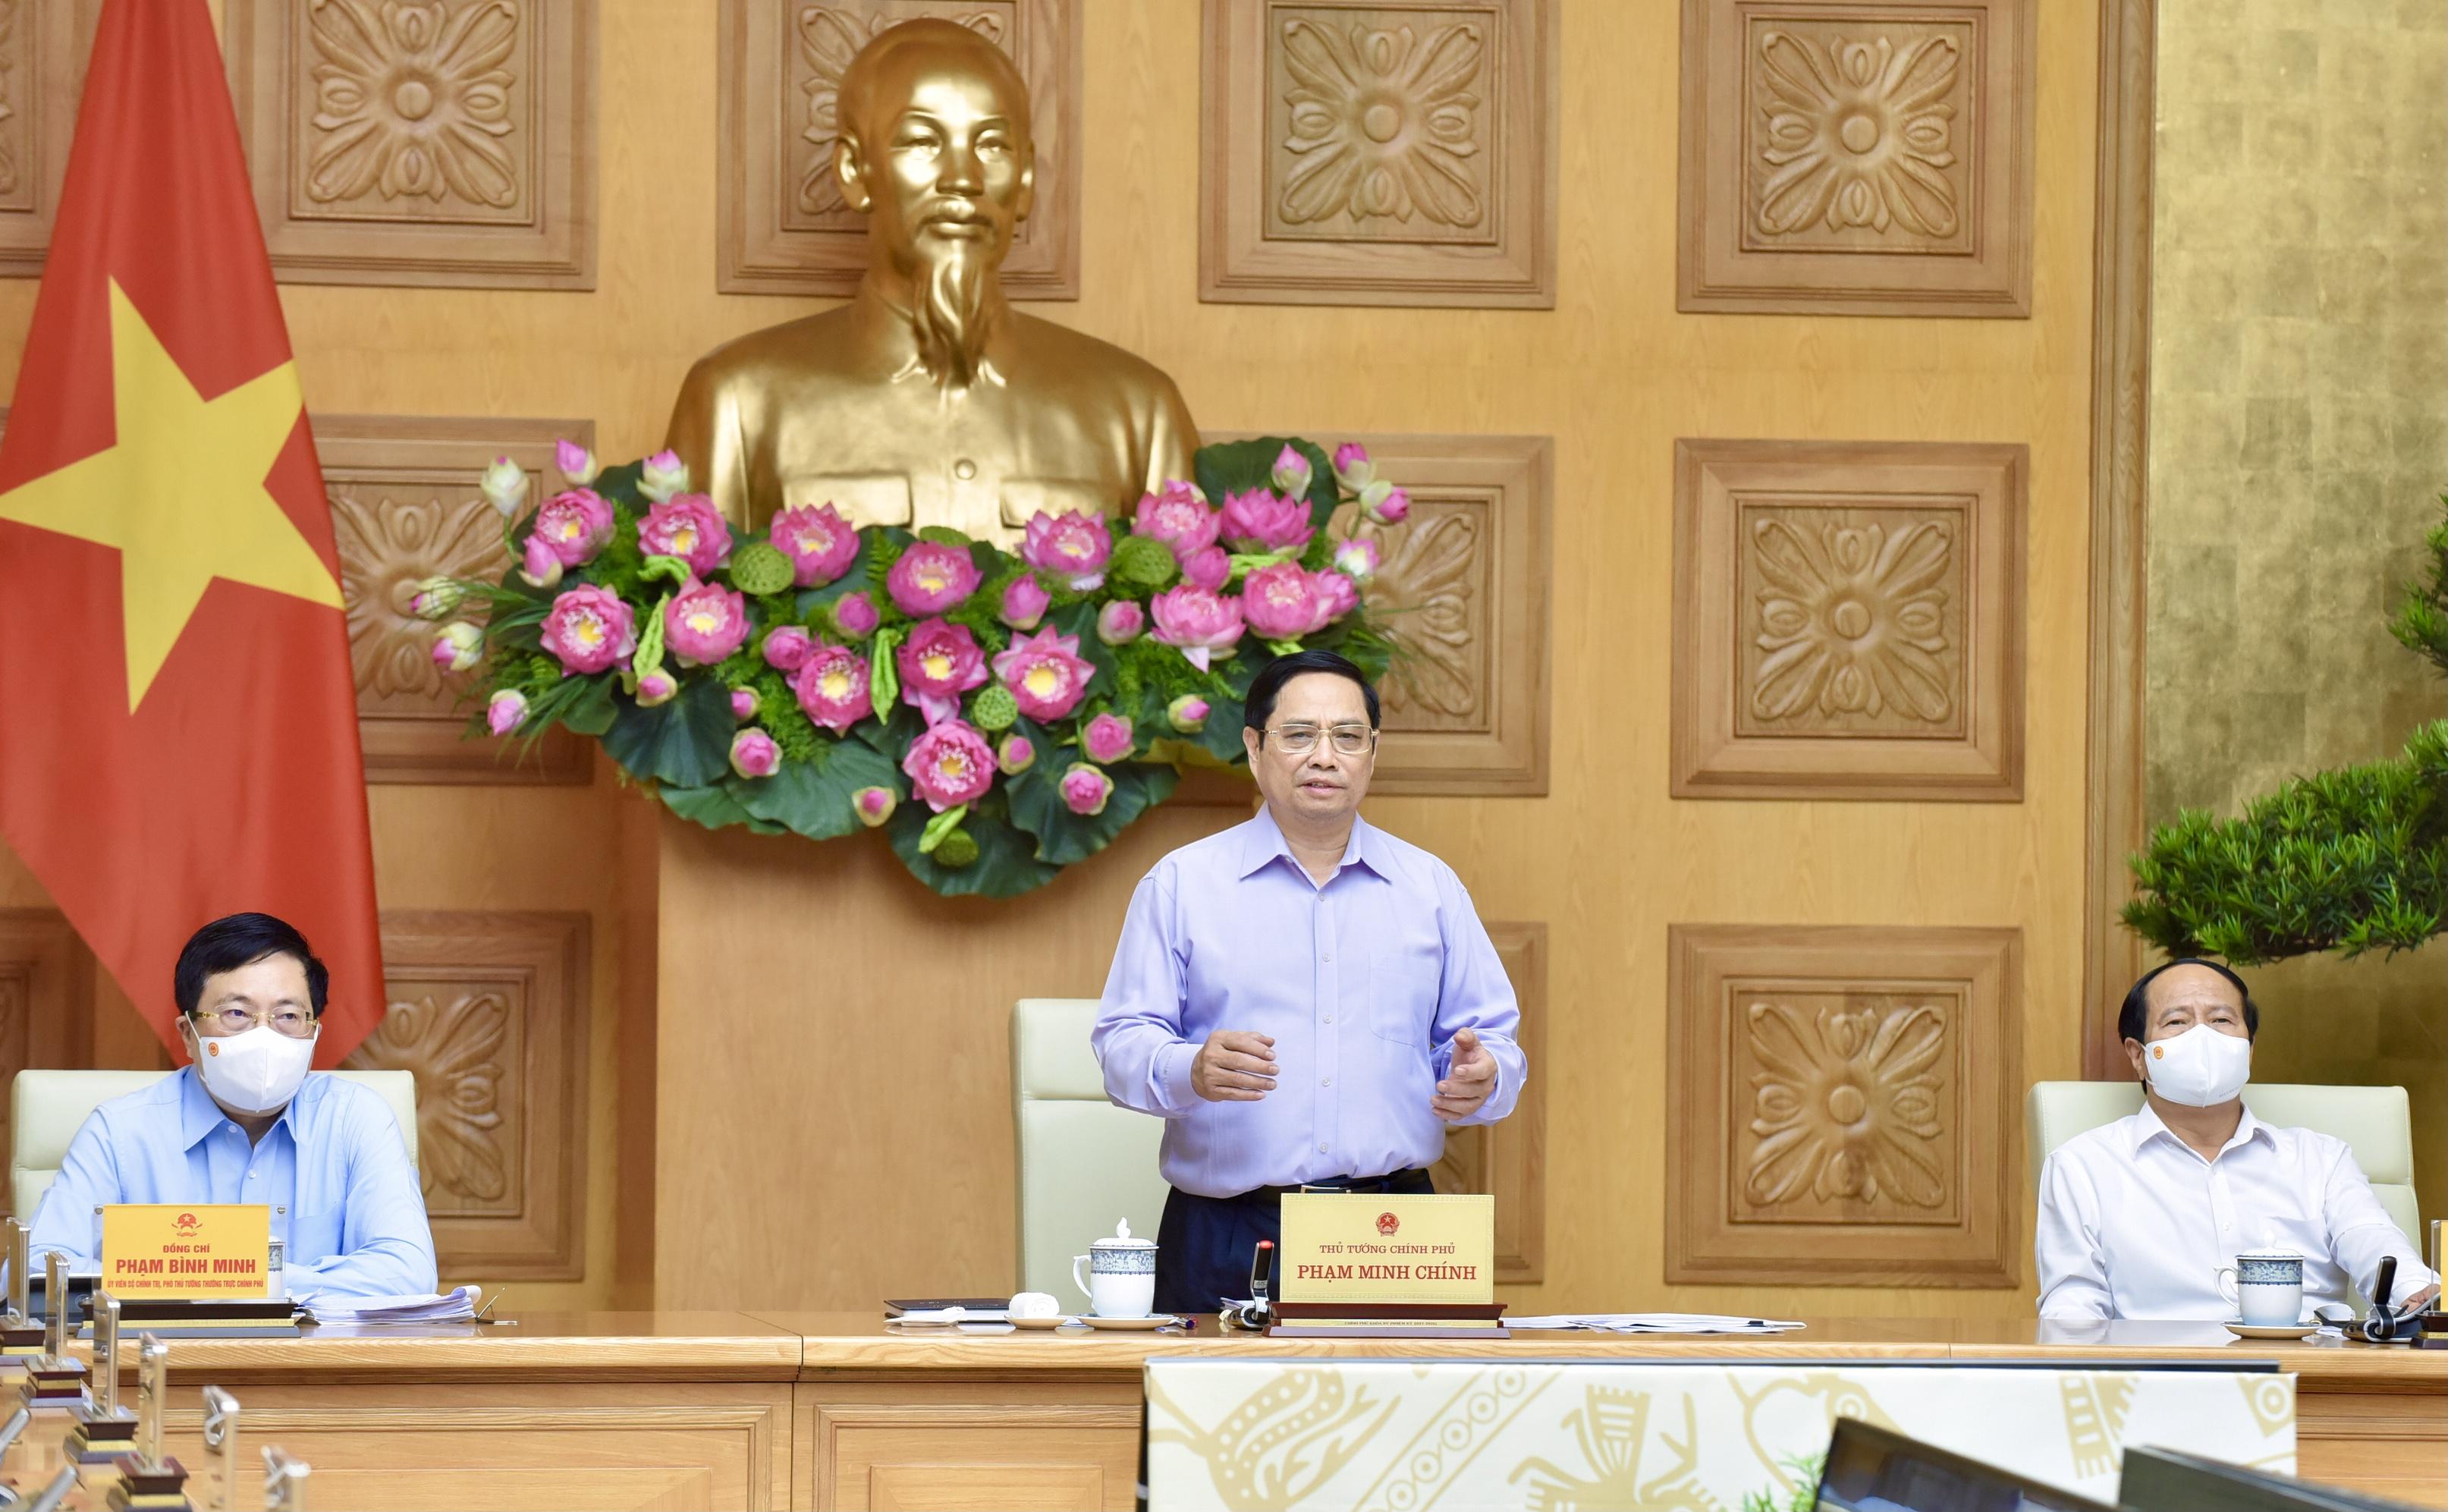 Thủ tướng yêu cầu, đầu tư công phải dẫn dắt và kích hoạt đầu tư của mọi thành phần kinh tế, huy động mọi nguồn lực trong xã hội cho đầu tư phát triển. Ảnh: VGP/Nhật Bắc